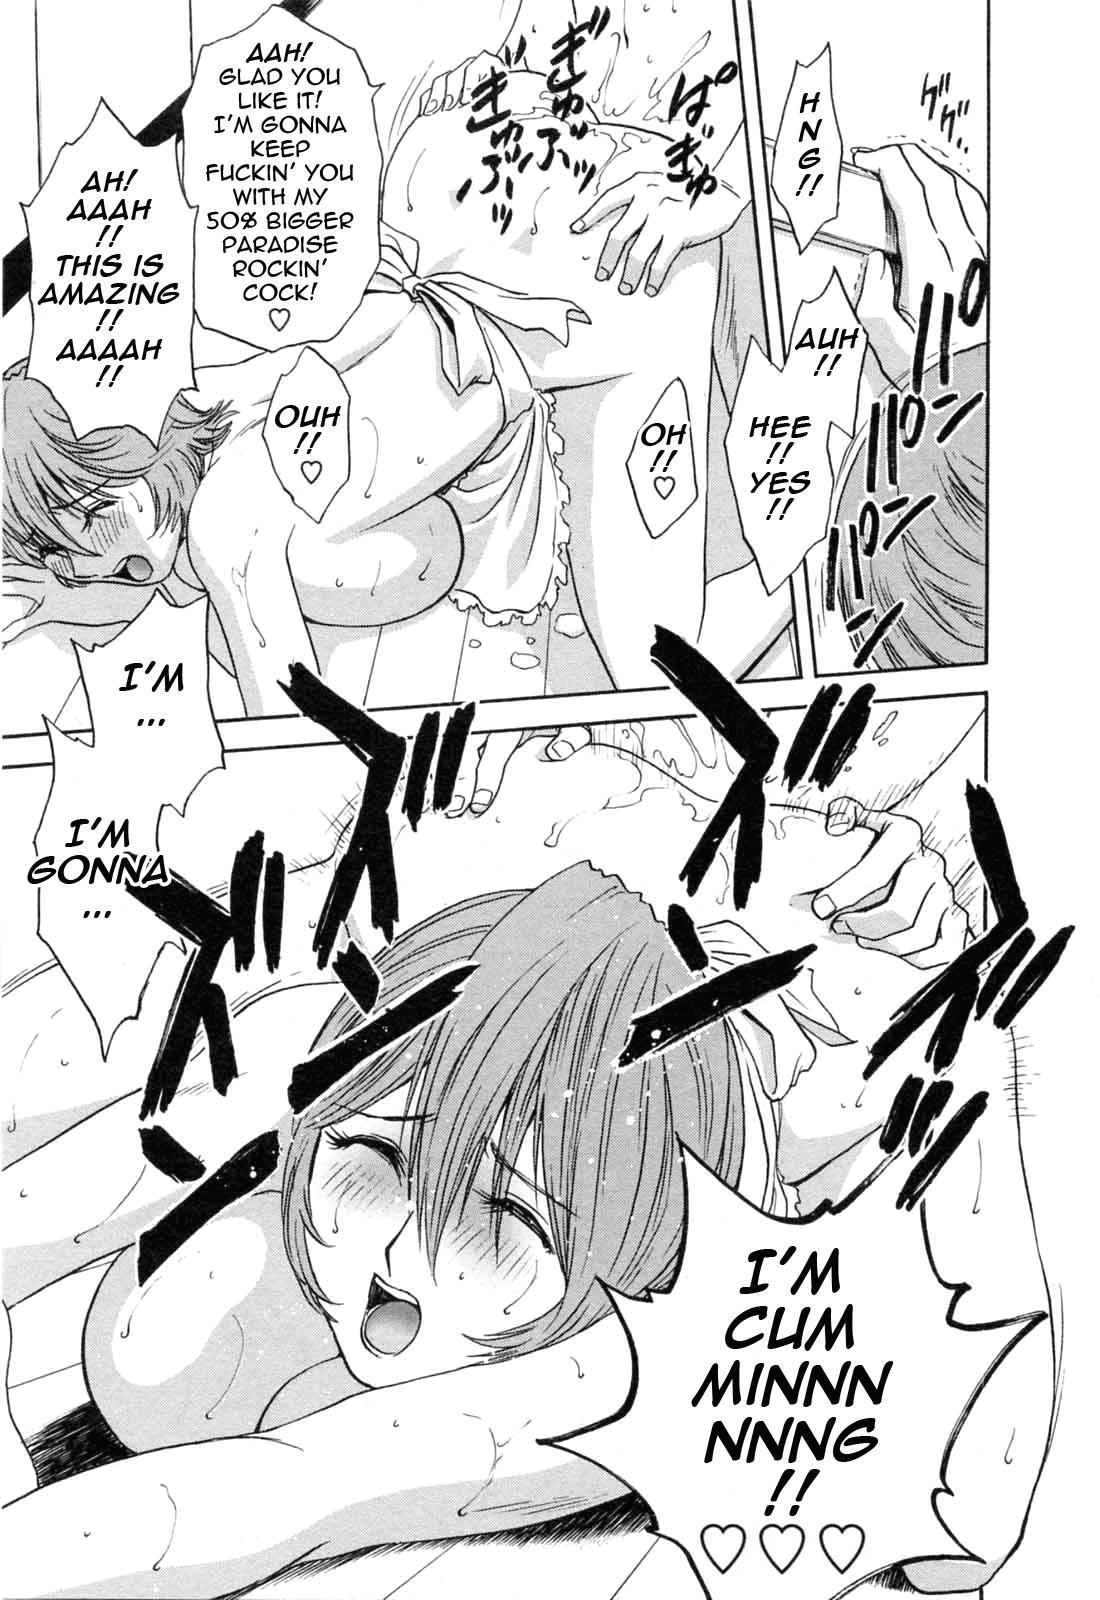 [Hidemaru] Mo-Retsu! Boin Sensei (Boing Boing Teacher) Vol.5 [English] [4dawgz] [Tadanohito] 43